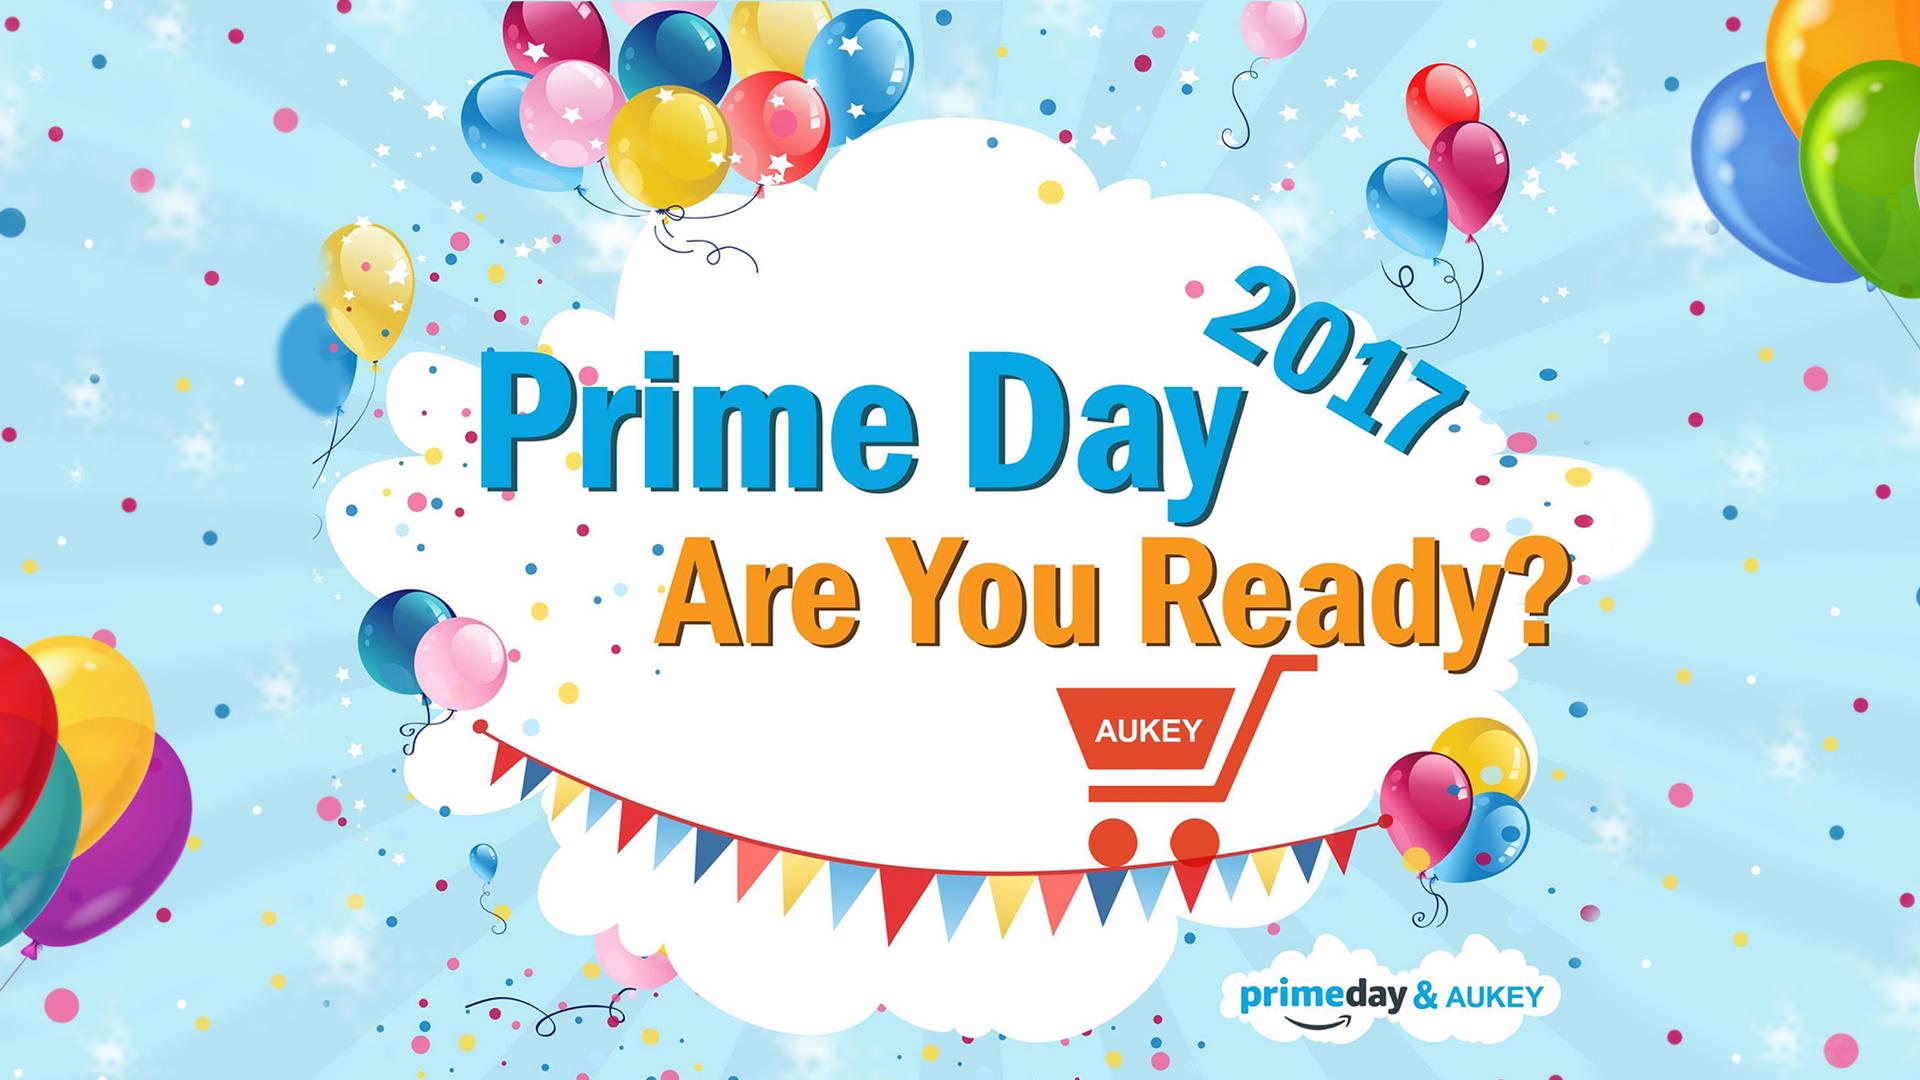 Aukey Amazon Prime Day 2017